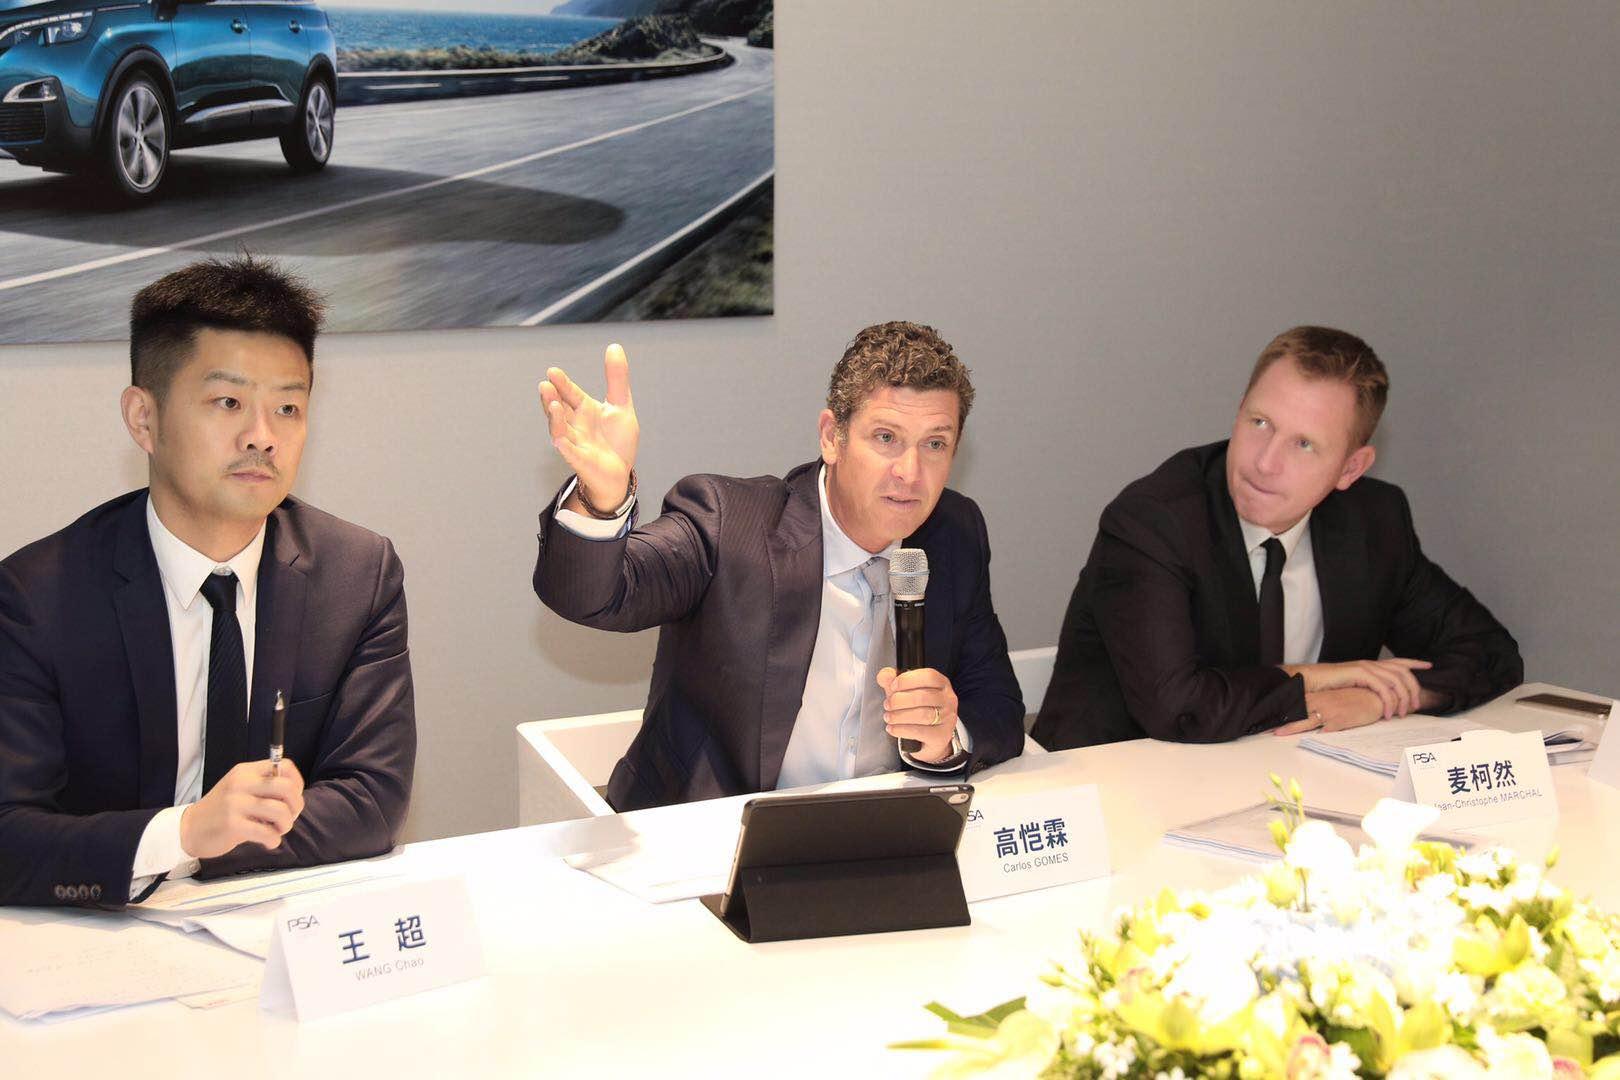 高恺霖:PSA集团即将在华开展分时租赁业务